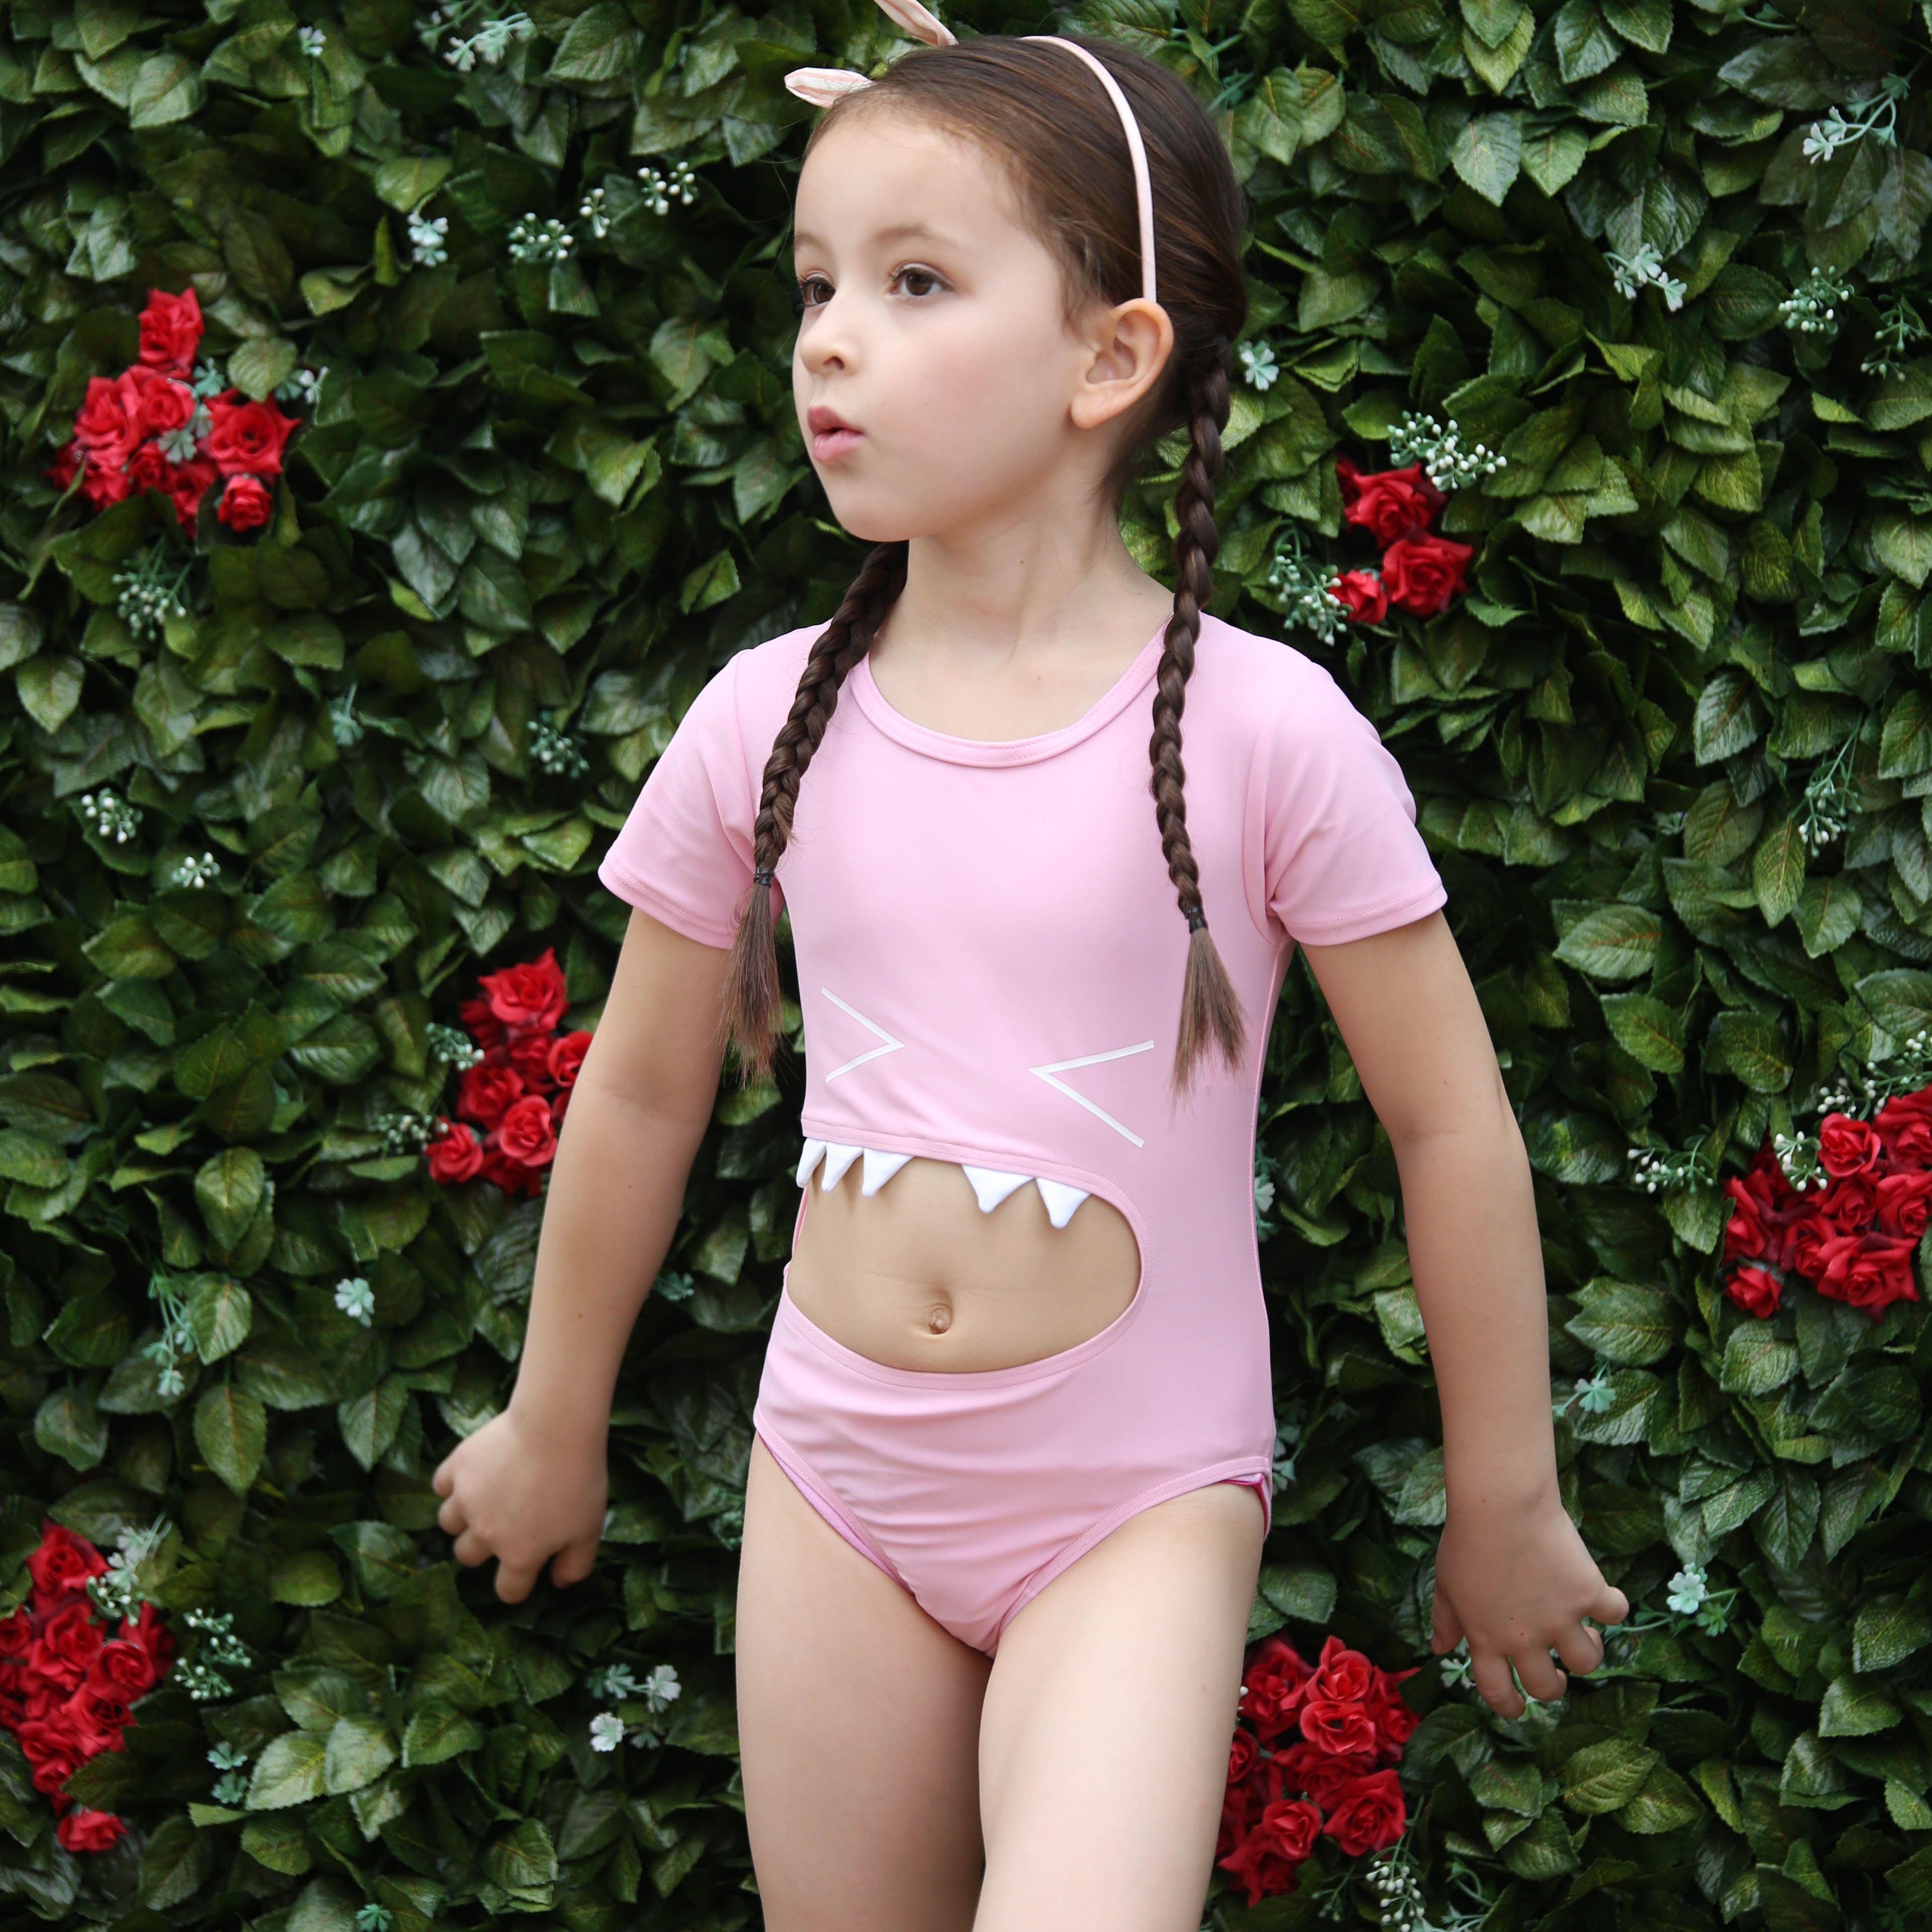 f5ea1102f5e 2019 2017 New Children Cartoon Swimwear Girls One Piece Short Sleeve  Swimwear With Swimming Cap Highly Elastic Swimwear From Minniehoney, $24.73  | DHgate.